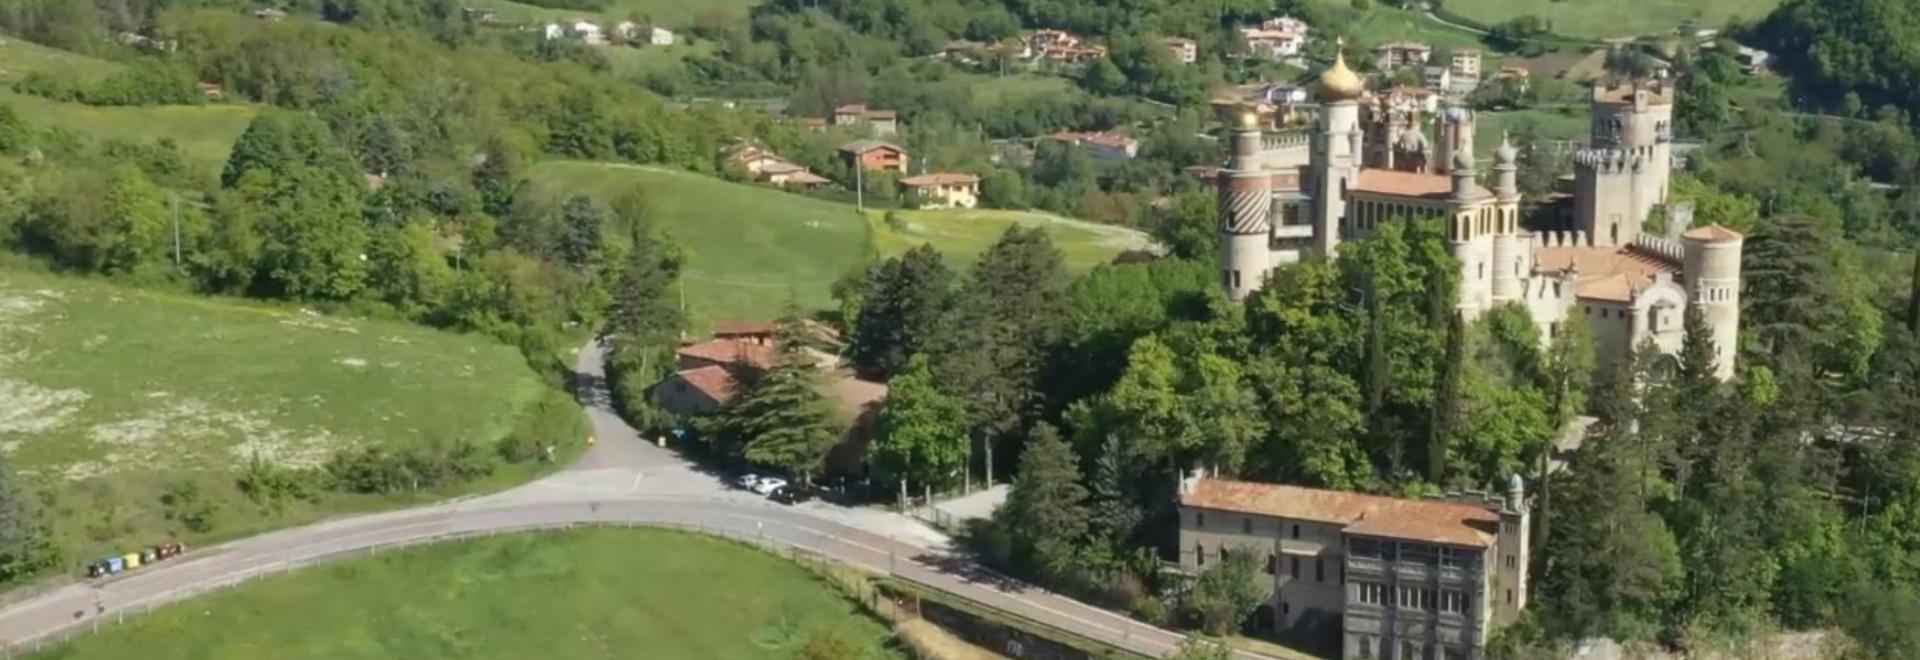 Monti Lepini - Le abbazie dei Templari